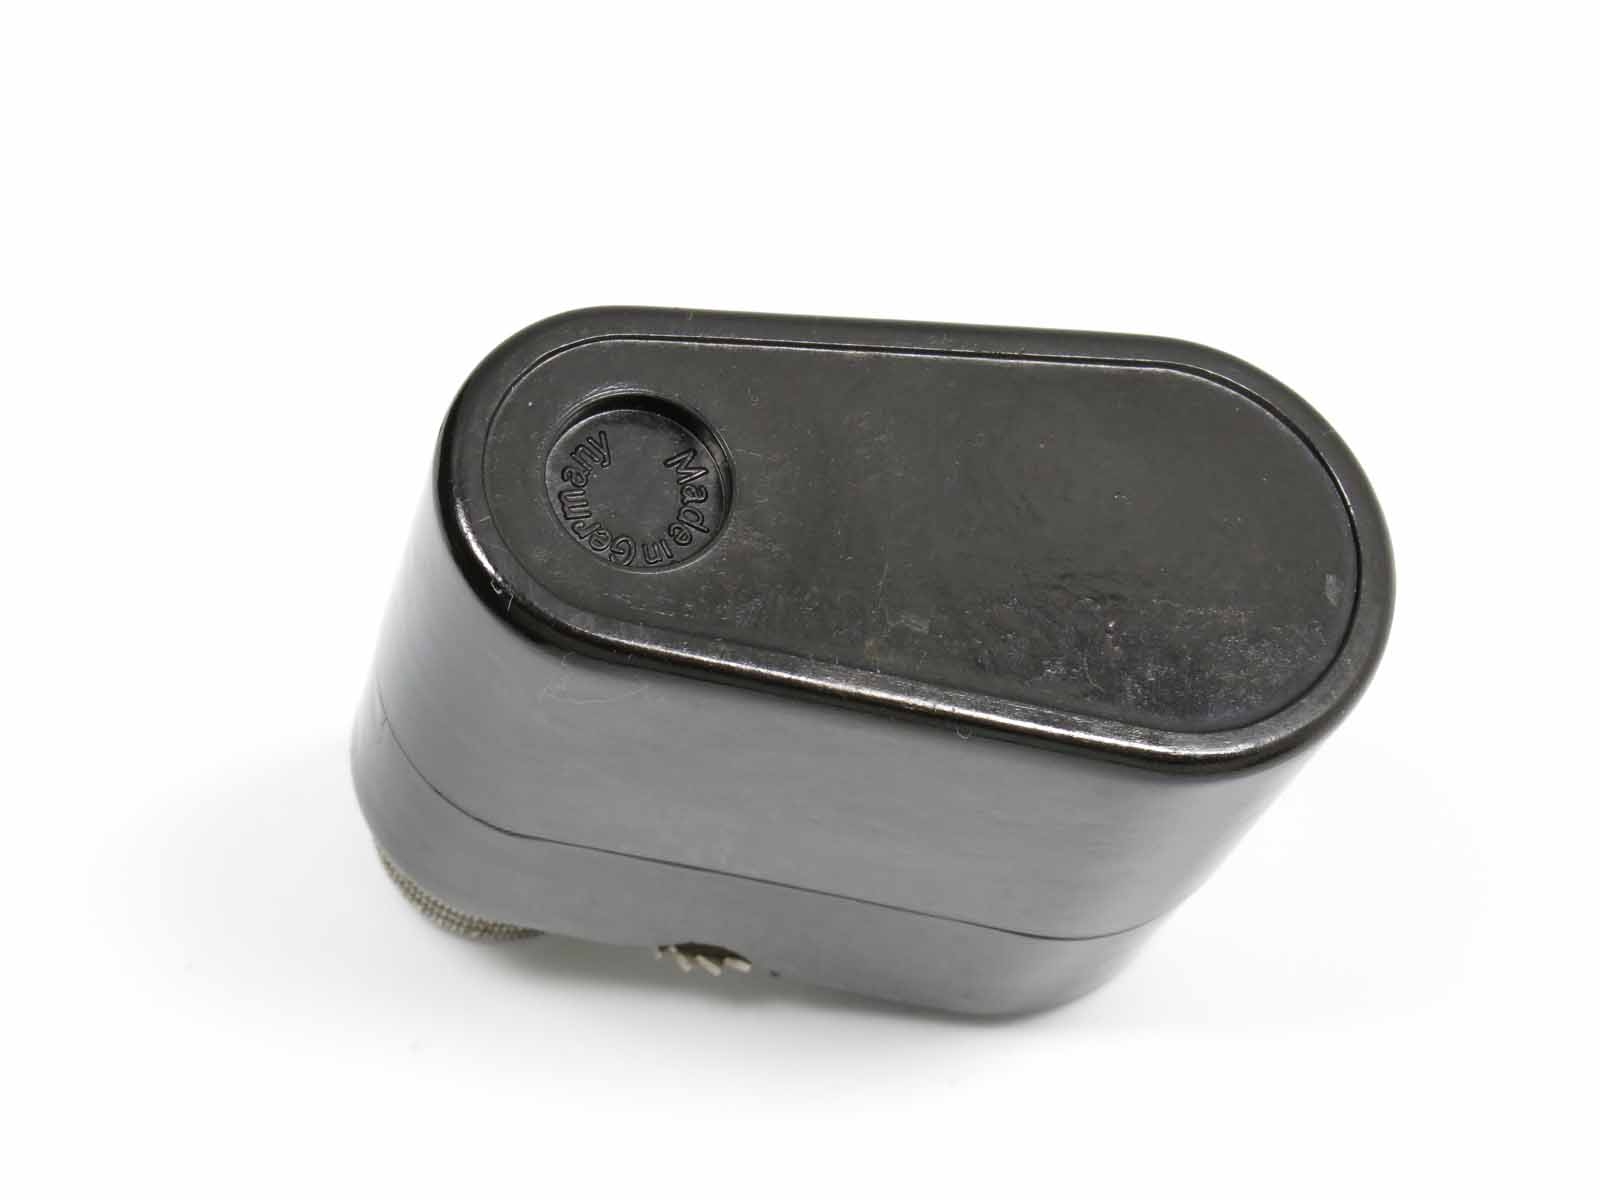 clean-cameras-Photavit-13